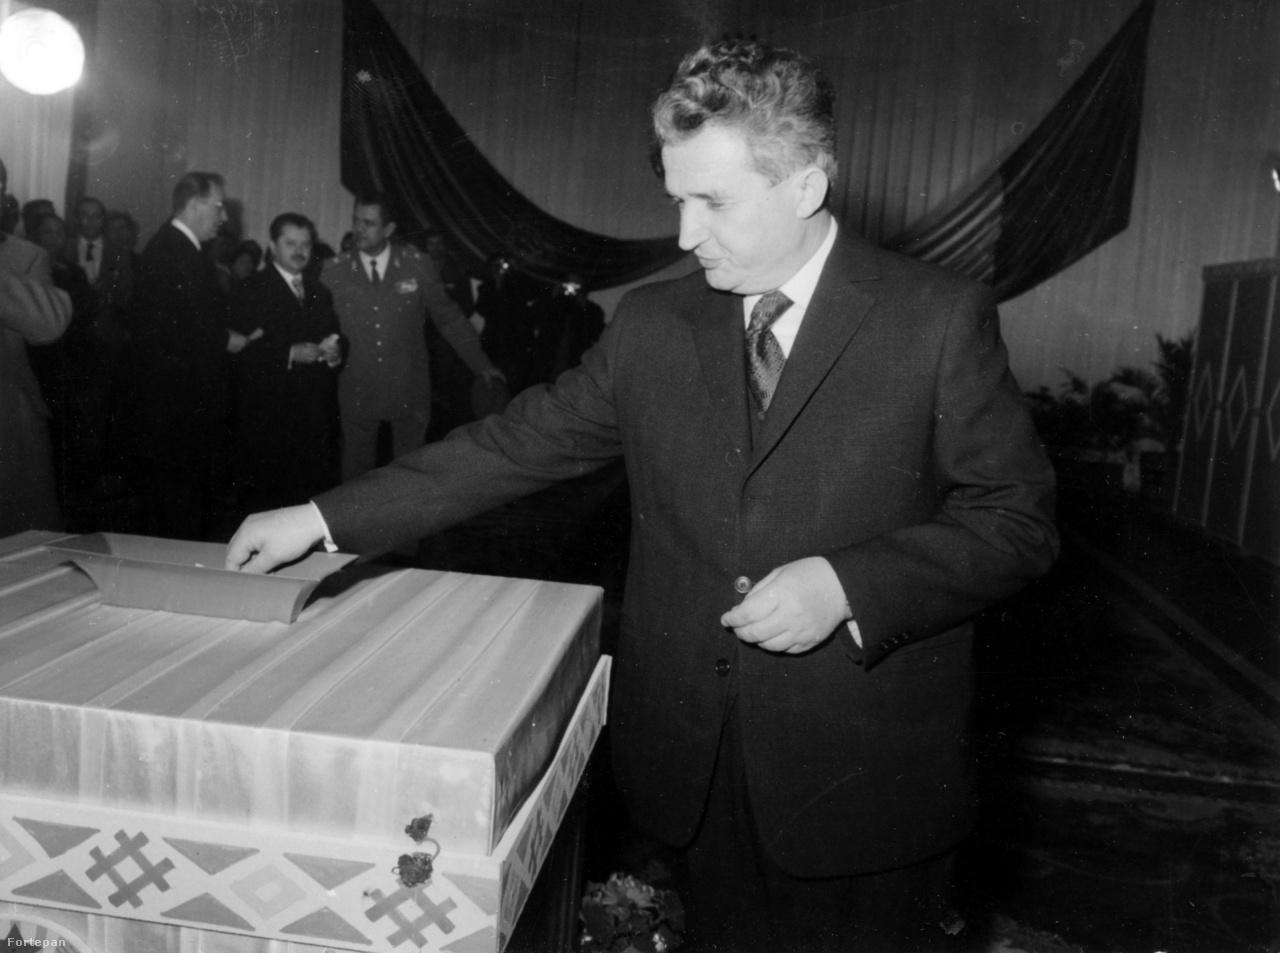 """Nicolae Ceaușescut 1974-ben választották Románia első elnökévé. A kárpátok géniusza itt alighanem sajét magára szavaz. Ekkor már kilenc éve töltötte be a Román Kommunista Párt főtitkári posztját, az országban mind jobban elhatalmasodott a személyi kultusz. Az Új Élet Ceaușescu elnökké választását """"történelmünk nagy pillanatának"""" nevezte, és a kor divatjának megfelelően nagy összeállításban emlékezett meg a pártvezér életéről. A kép hátterében Manea Manescu román miniszterelnök, jobbra mellette Fazekas János erdélyi magyar politikus, a Román Kommunista Párt Politikai Végrehajtó Bizottságának tagja. Ceaușescut 1989-ben kivégezték. A Ceaușescunál két évvel idősebb Manescu felesége Ceaușescu lánya, Maria volt. Manescu 2009-ben halt meg Bukarestben. Az újságíróként és történészként is ismert Fazekas János Sütő András szerint magas állami és párttisztségeiben (vagy azok ellenére) sokat tett az erdélyi magyarságért. 2004-ben Budapesten halt meg, az MTA megbízásából kutatott a magyar fővárosban."""